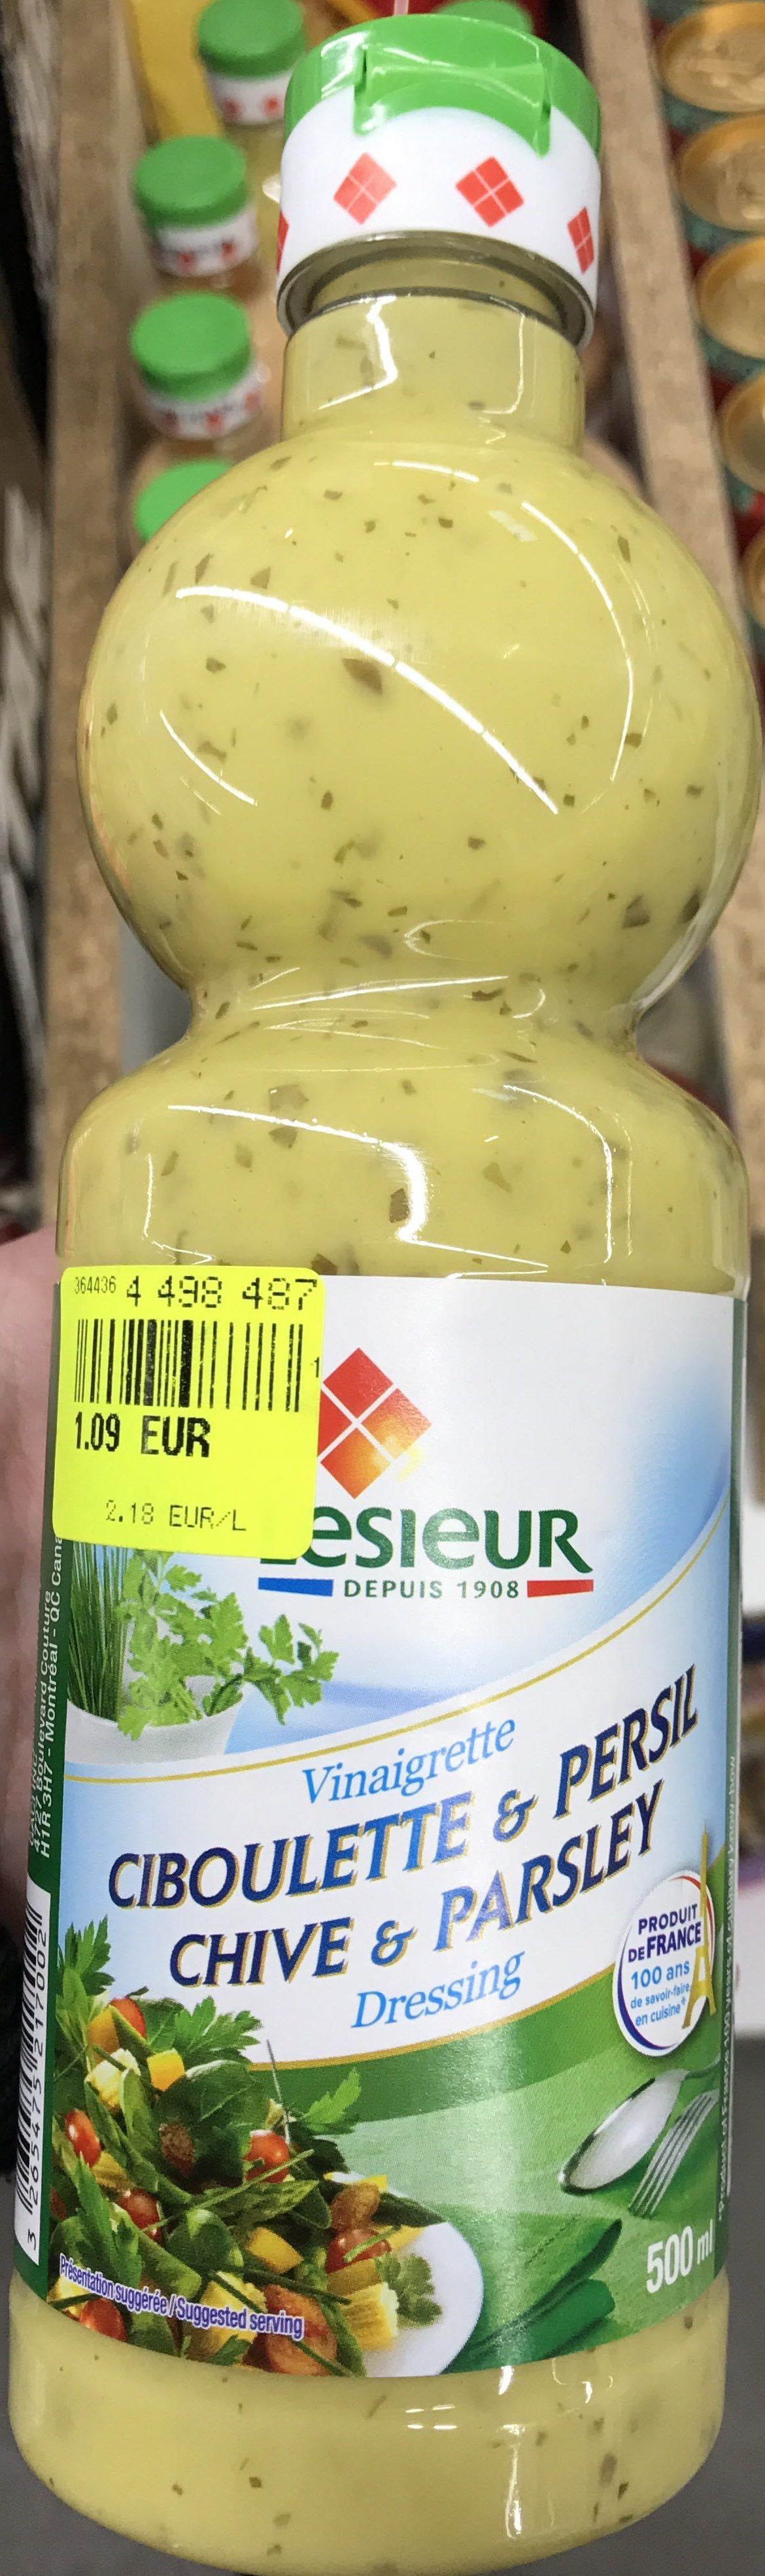 Vinaigrette Ciboulette & Persil - Product